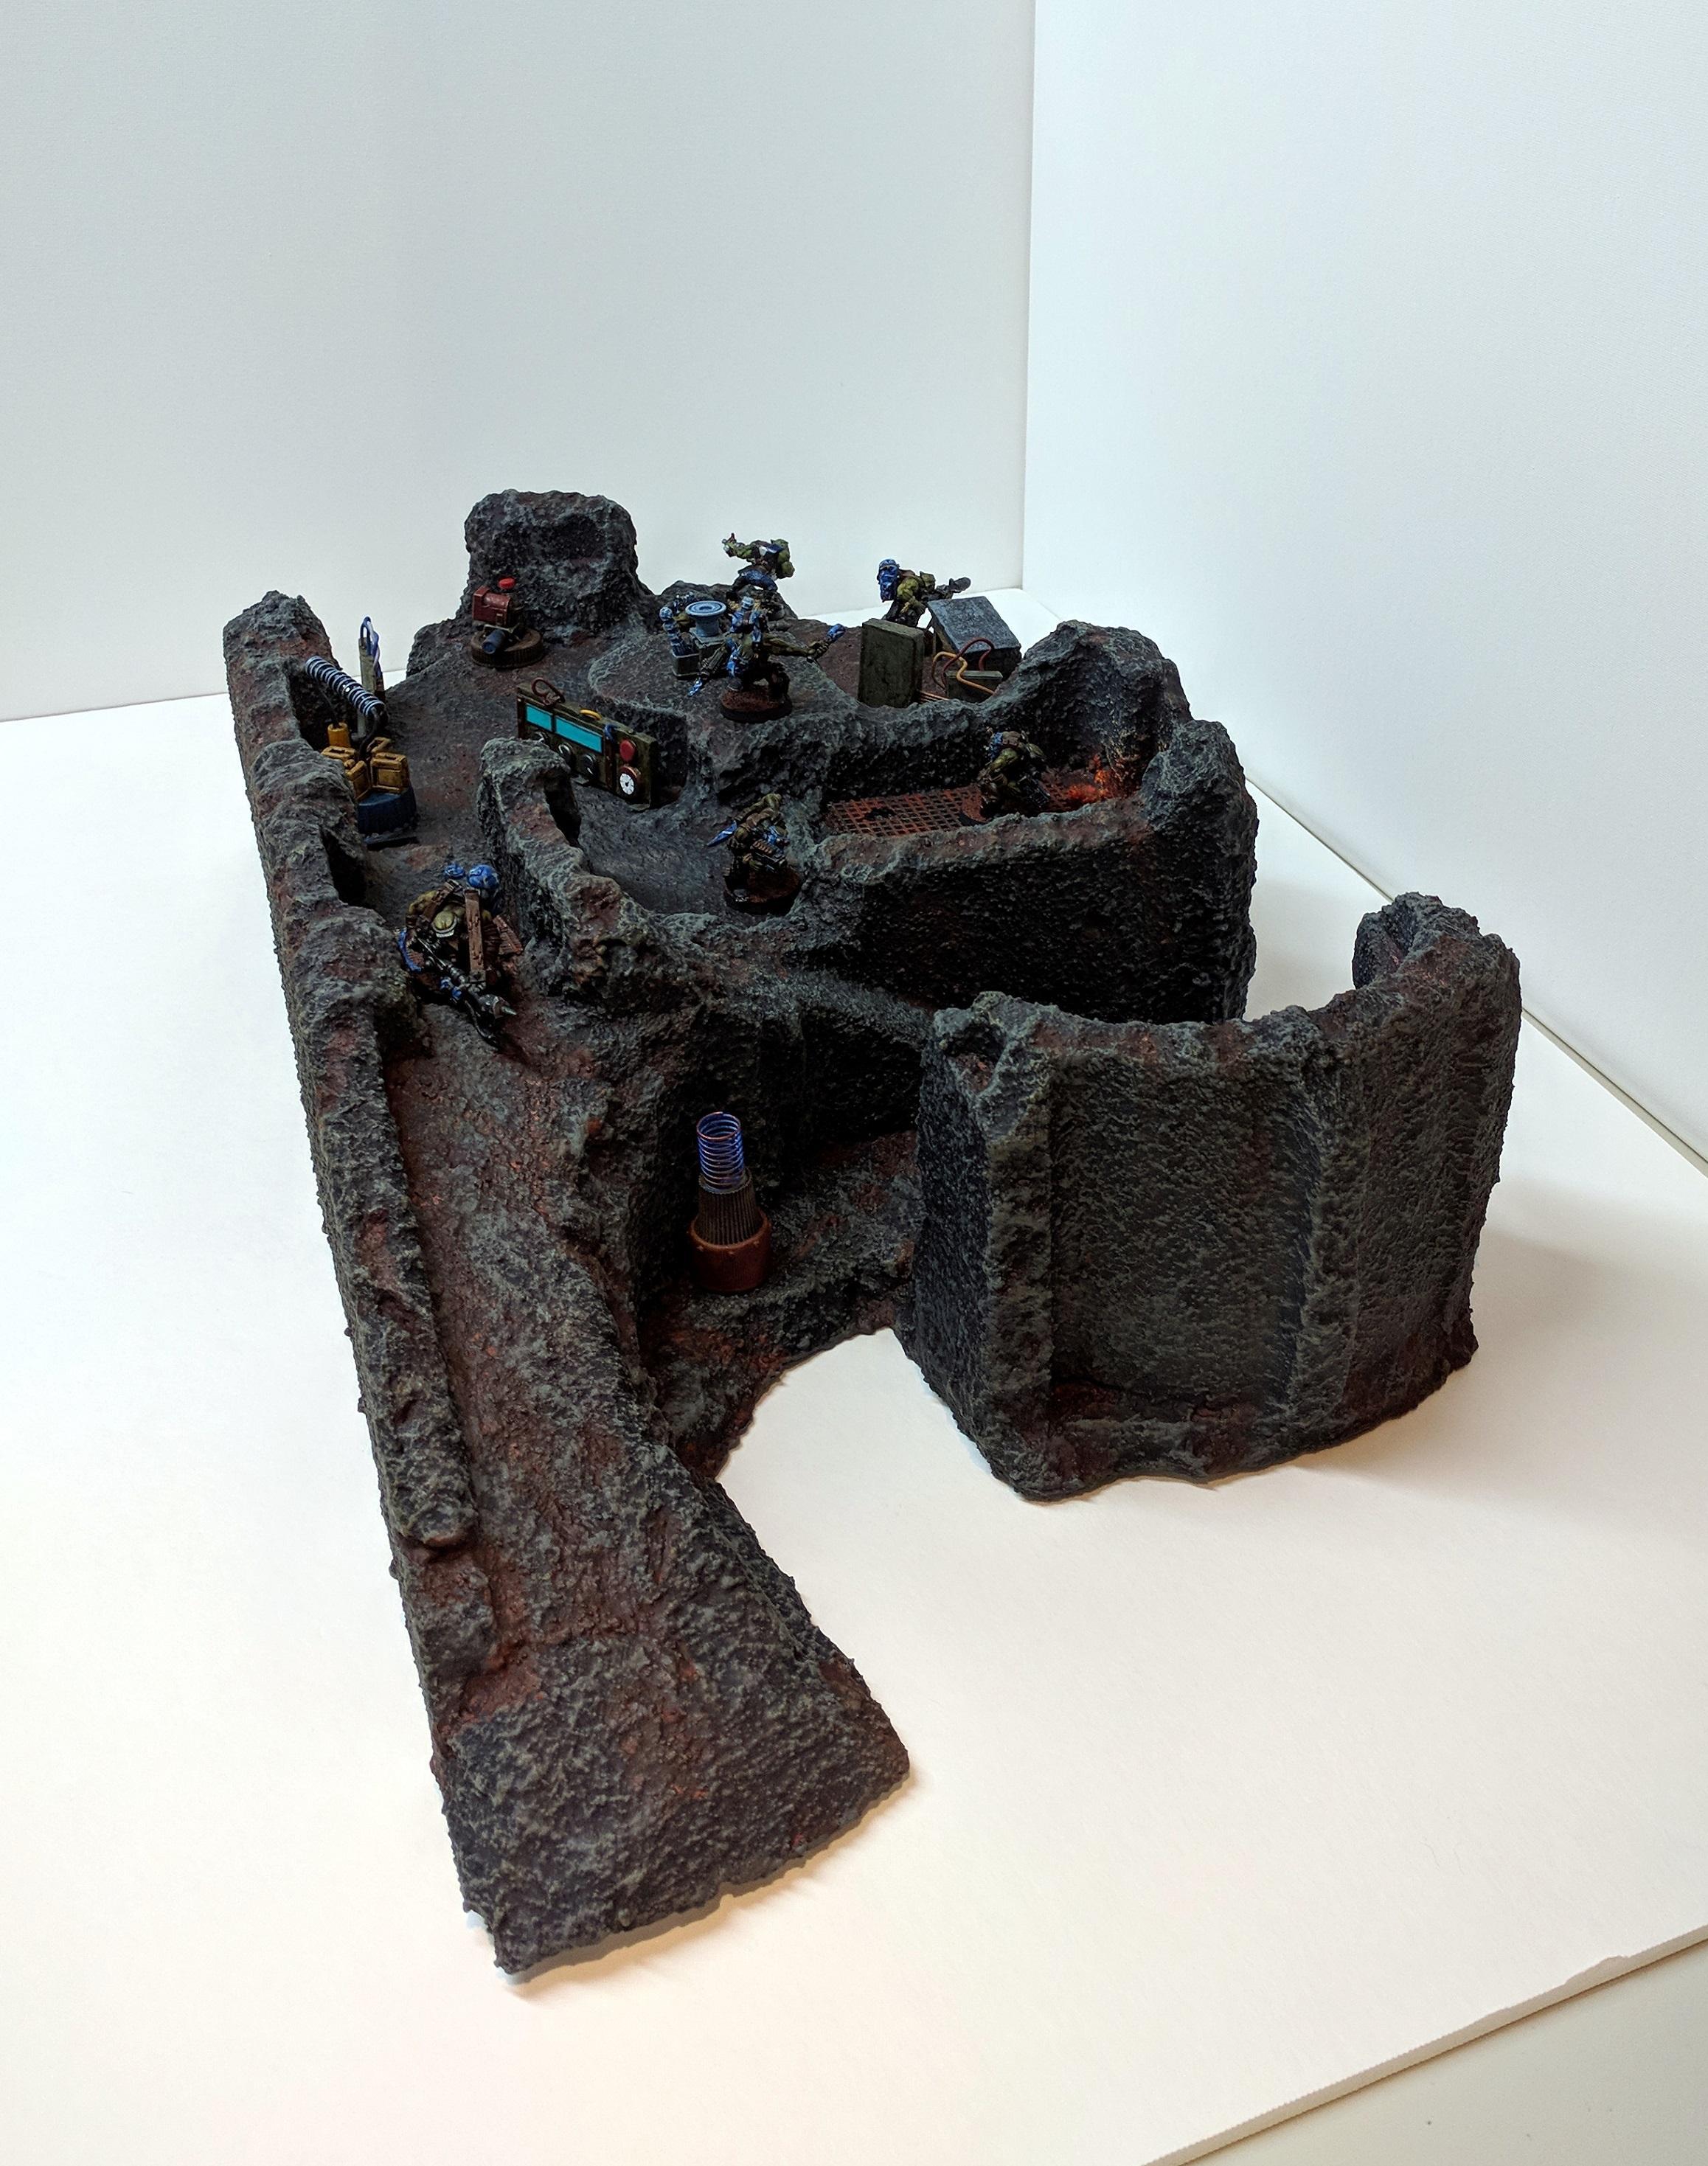 Kommando, Kommandoes, Orks, Rust, Scatter, Scratch Build, Terrain